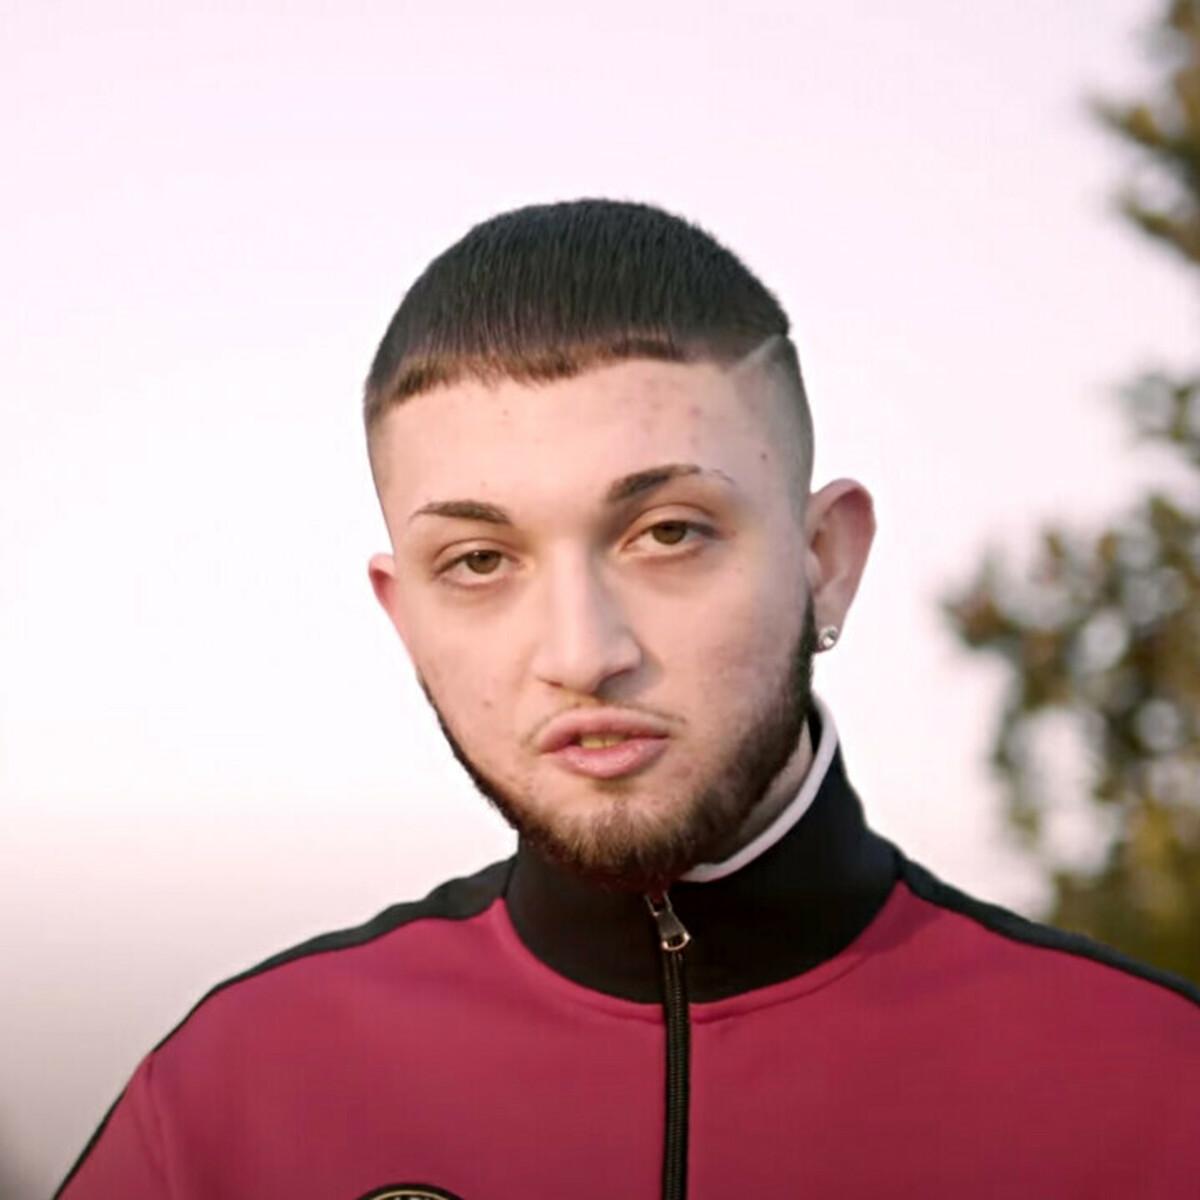 Vincenzo Monti, il giovane rapper travolto e ucciso da un pirata della strada (poi denunciato dalla madre)